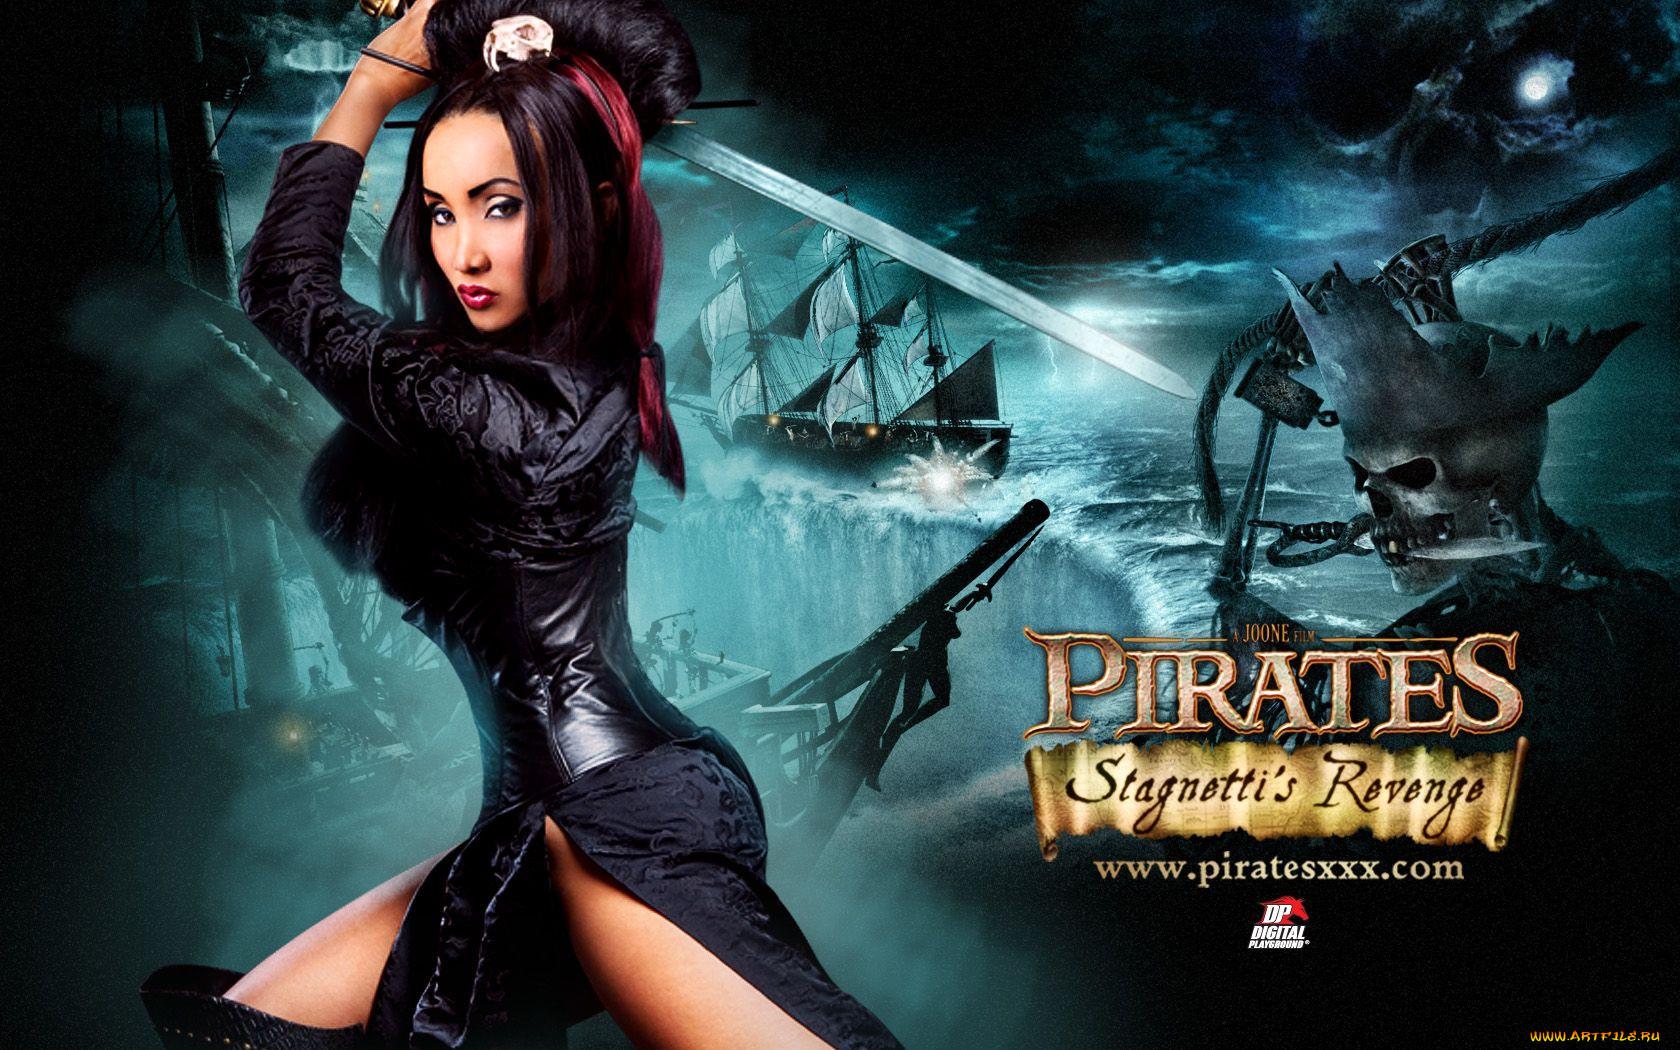 Link piratesxxx full movie 3gp download softcore wemen